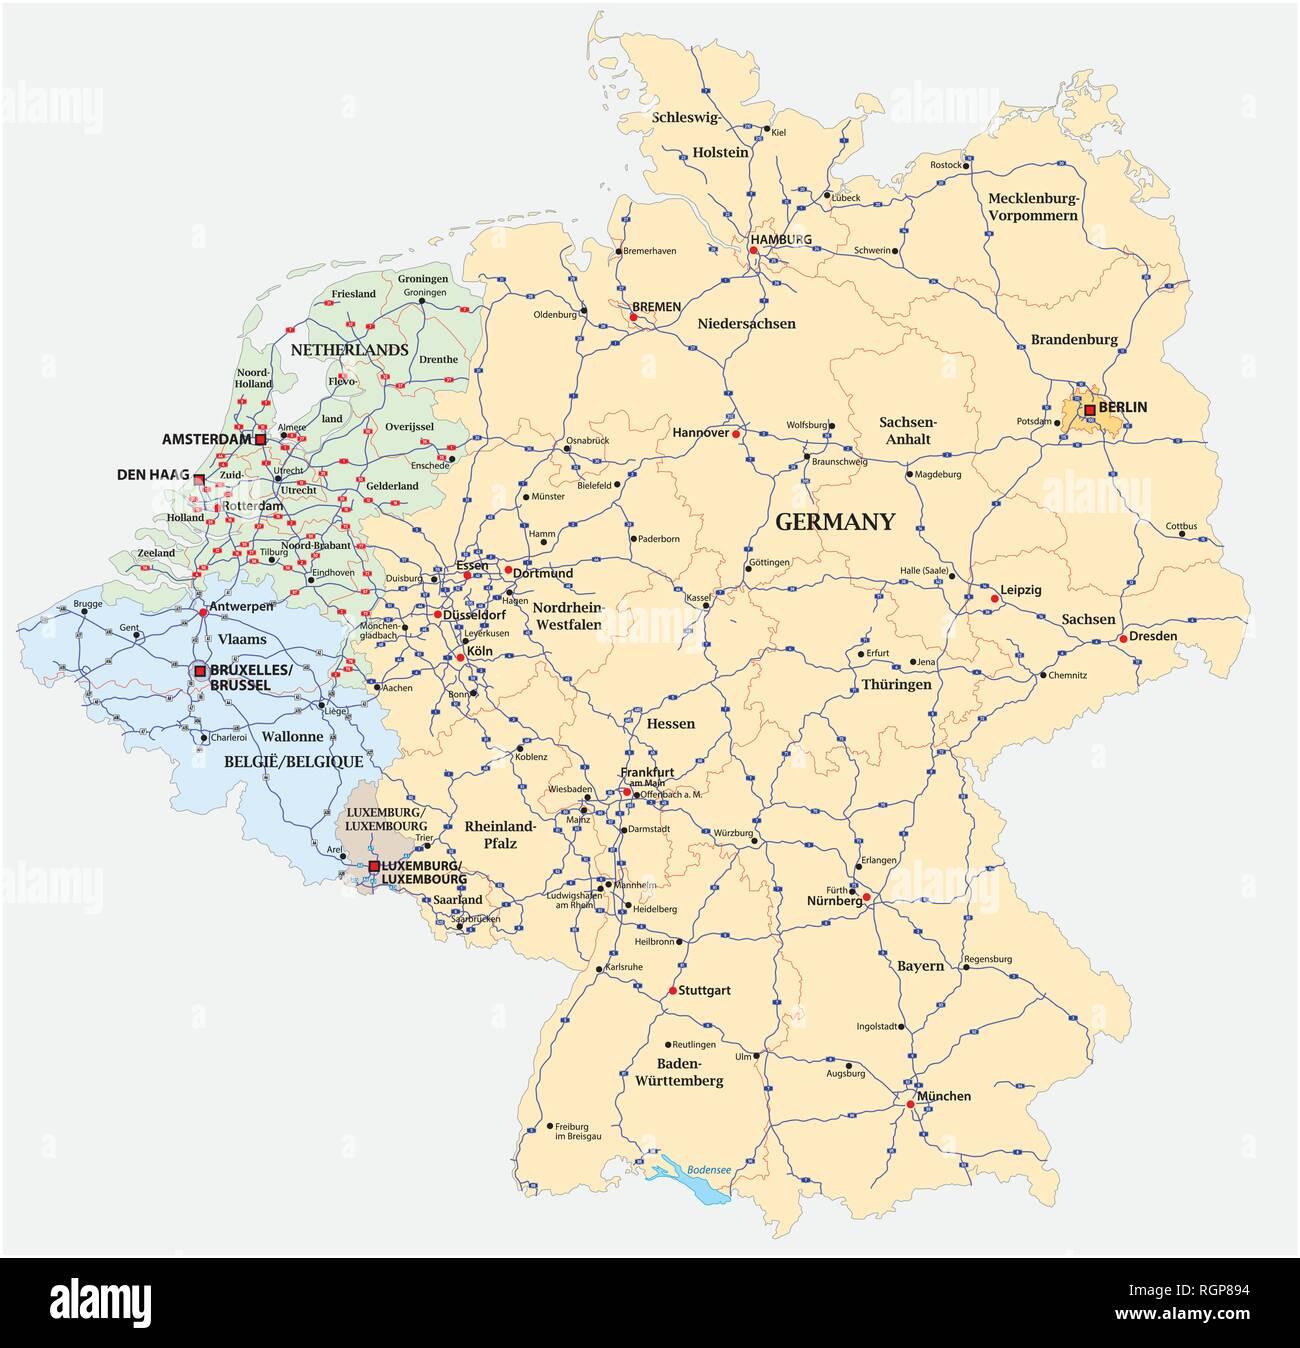 karte benelux deutschland Autobahn Vektor Karte von Deutschland und die Benelux Staaten